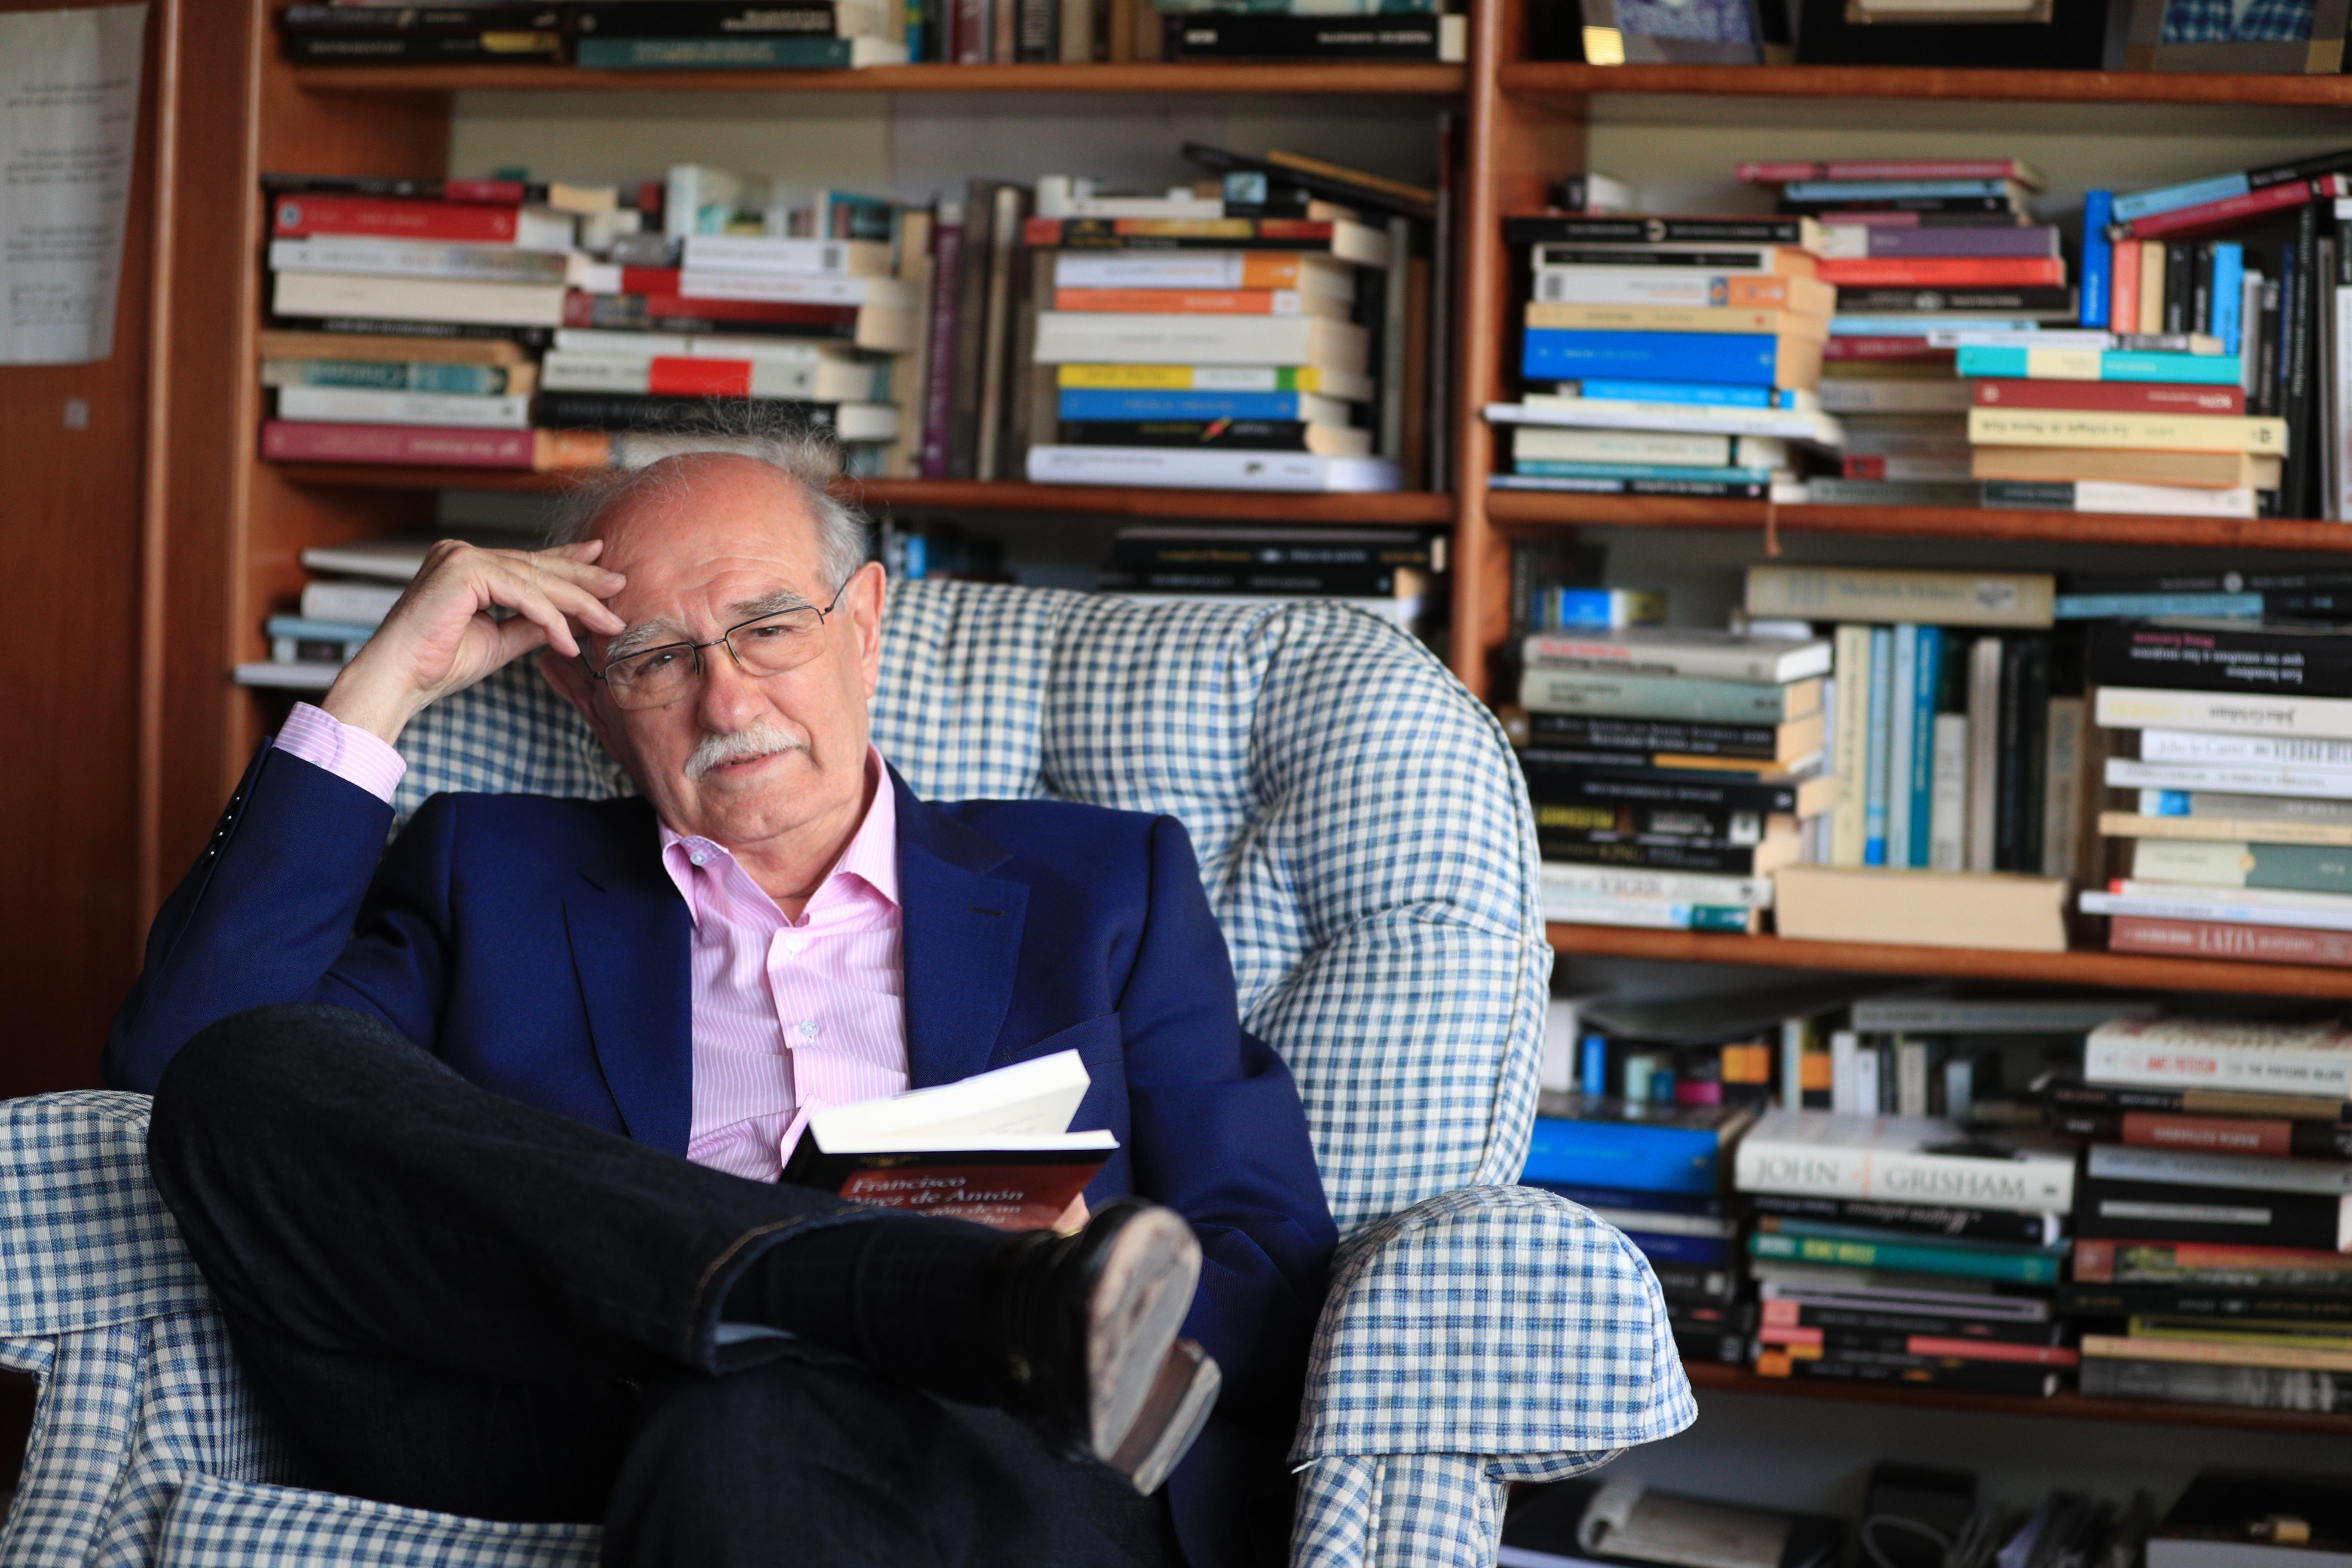 El escritor Francisco Pérez de Antón lanza su nuevo libro titulado La corrupción de un presidente sin tacha. (Foto Prensa Libre: Carlos Hernández).